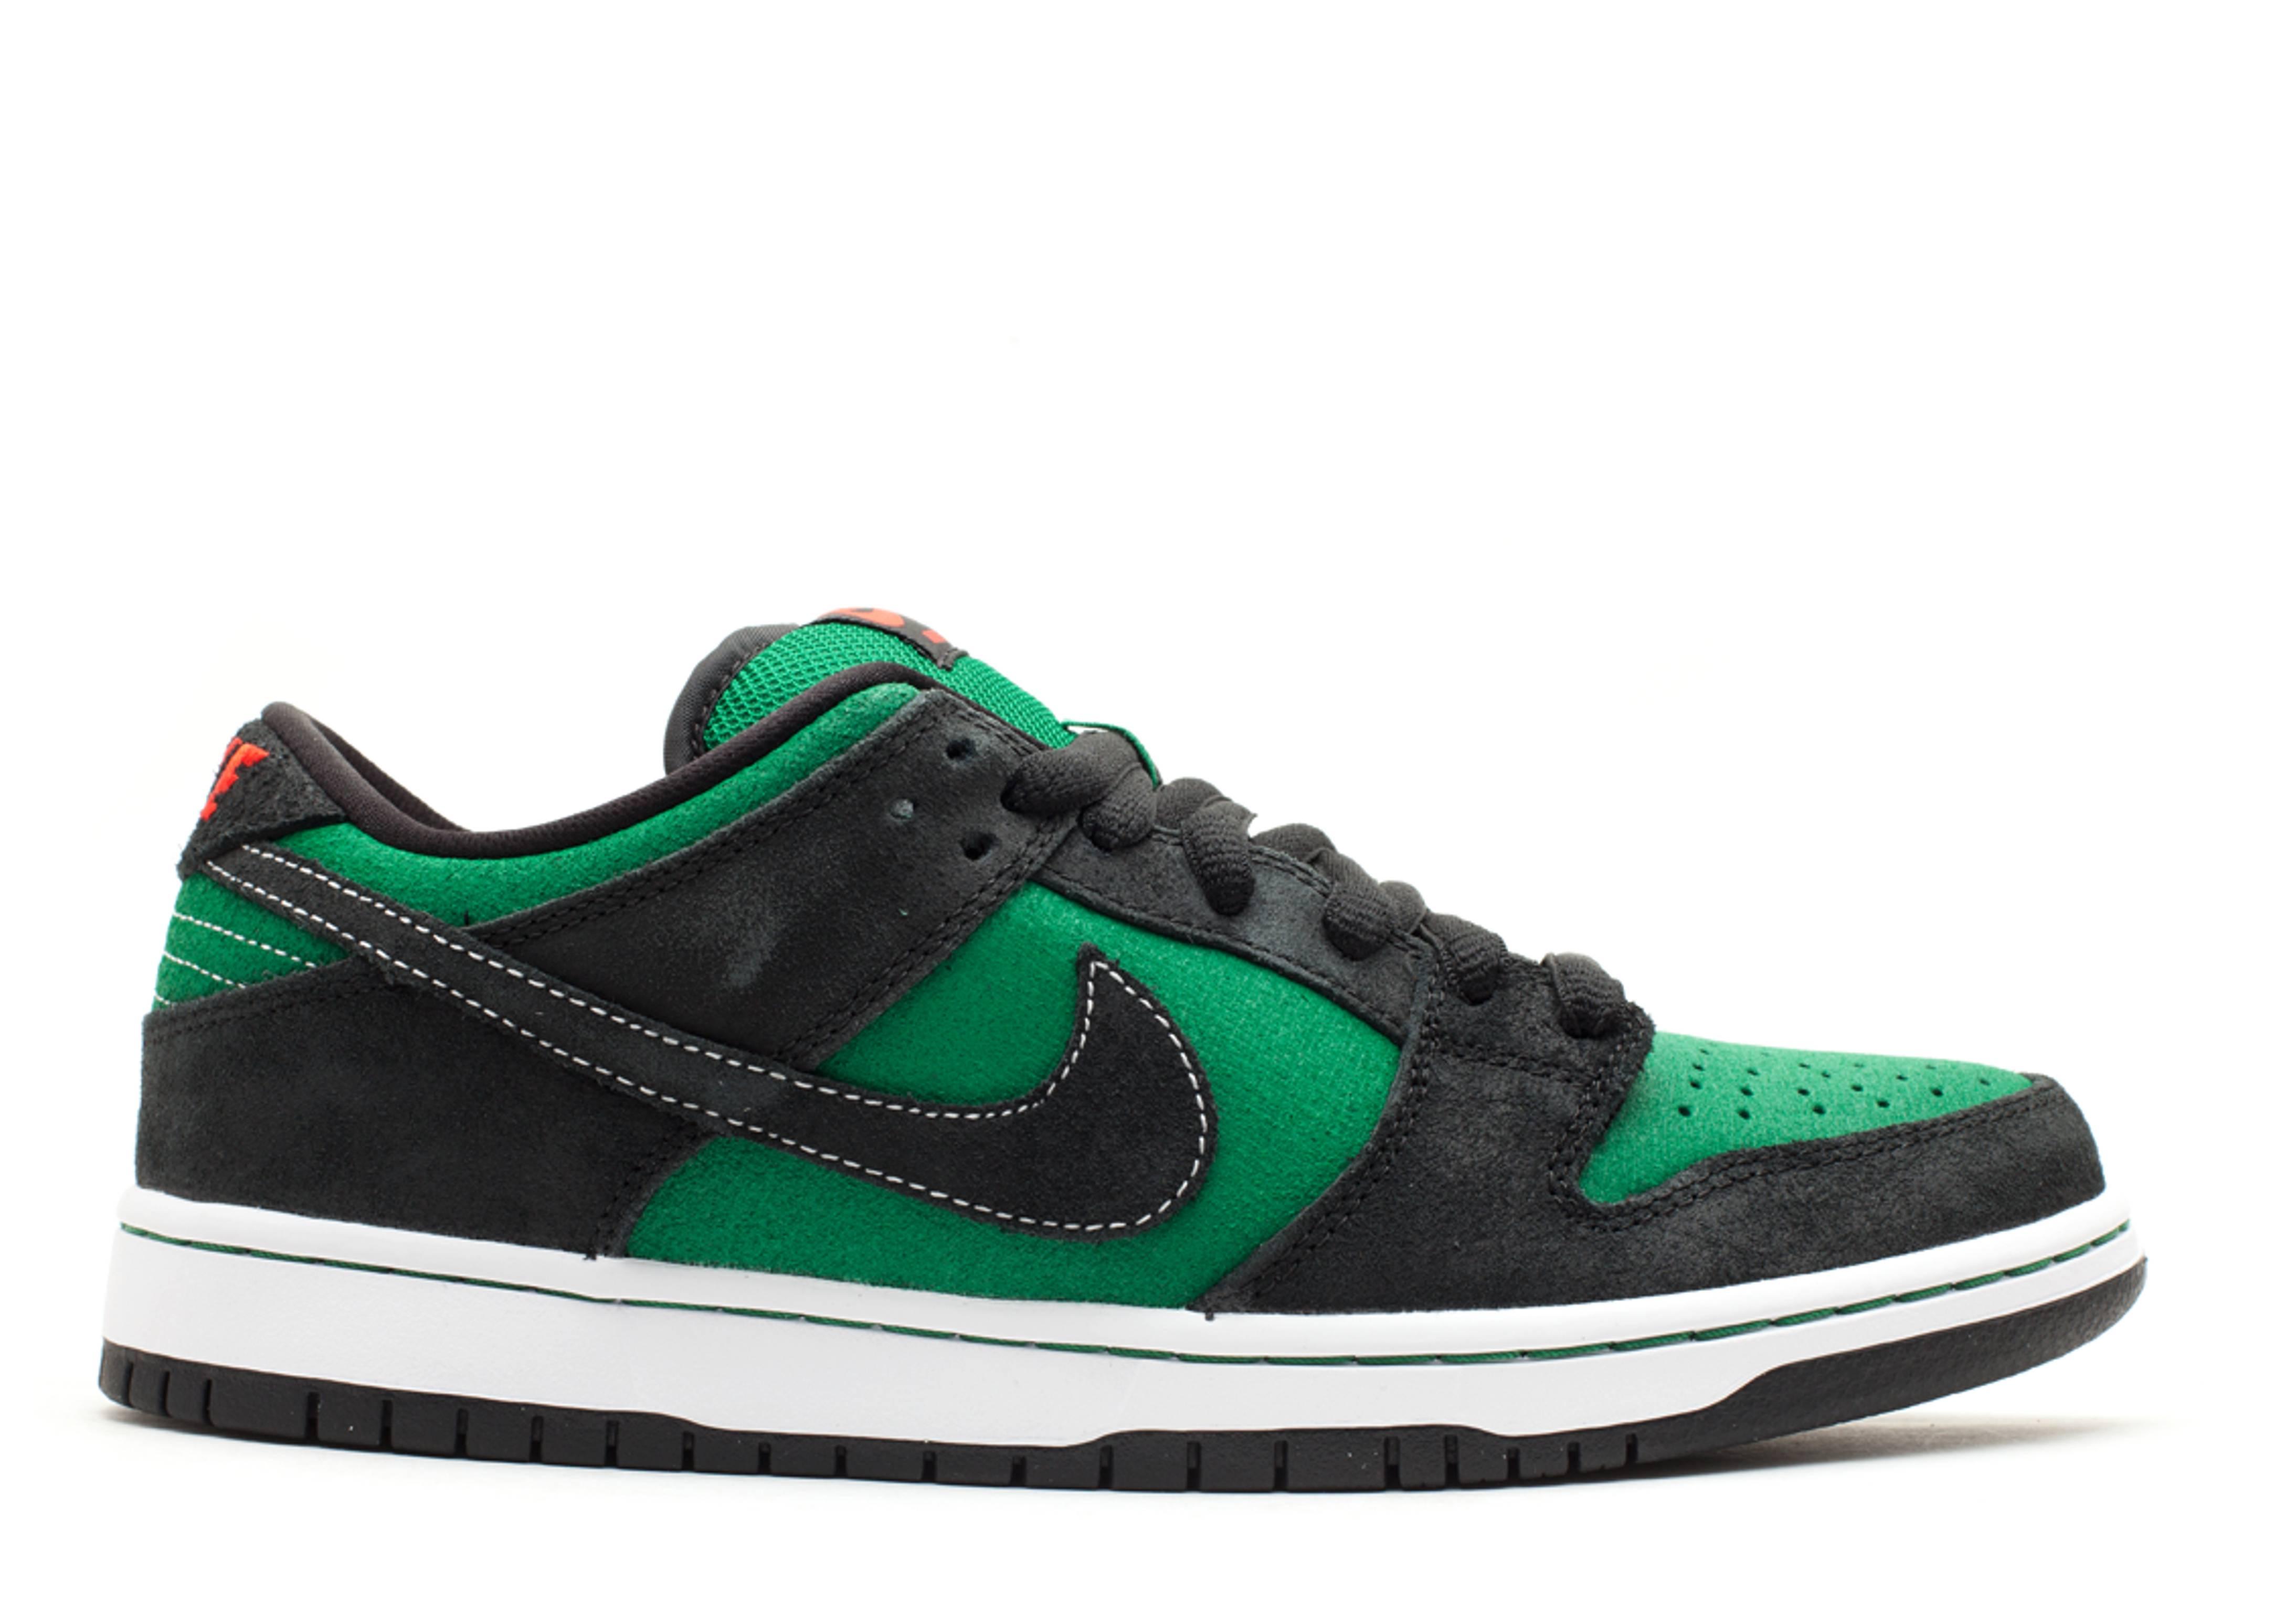 wholesale dealer 8d0b7 1f923 Jordan 12 Bred 2012 Buy Nike Air Max Size 13 Us